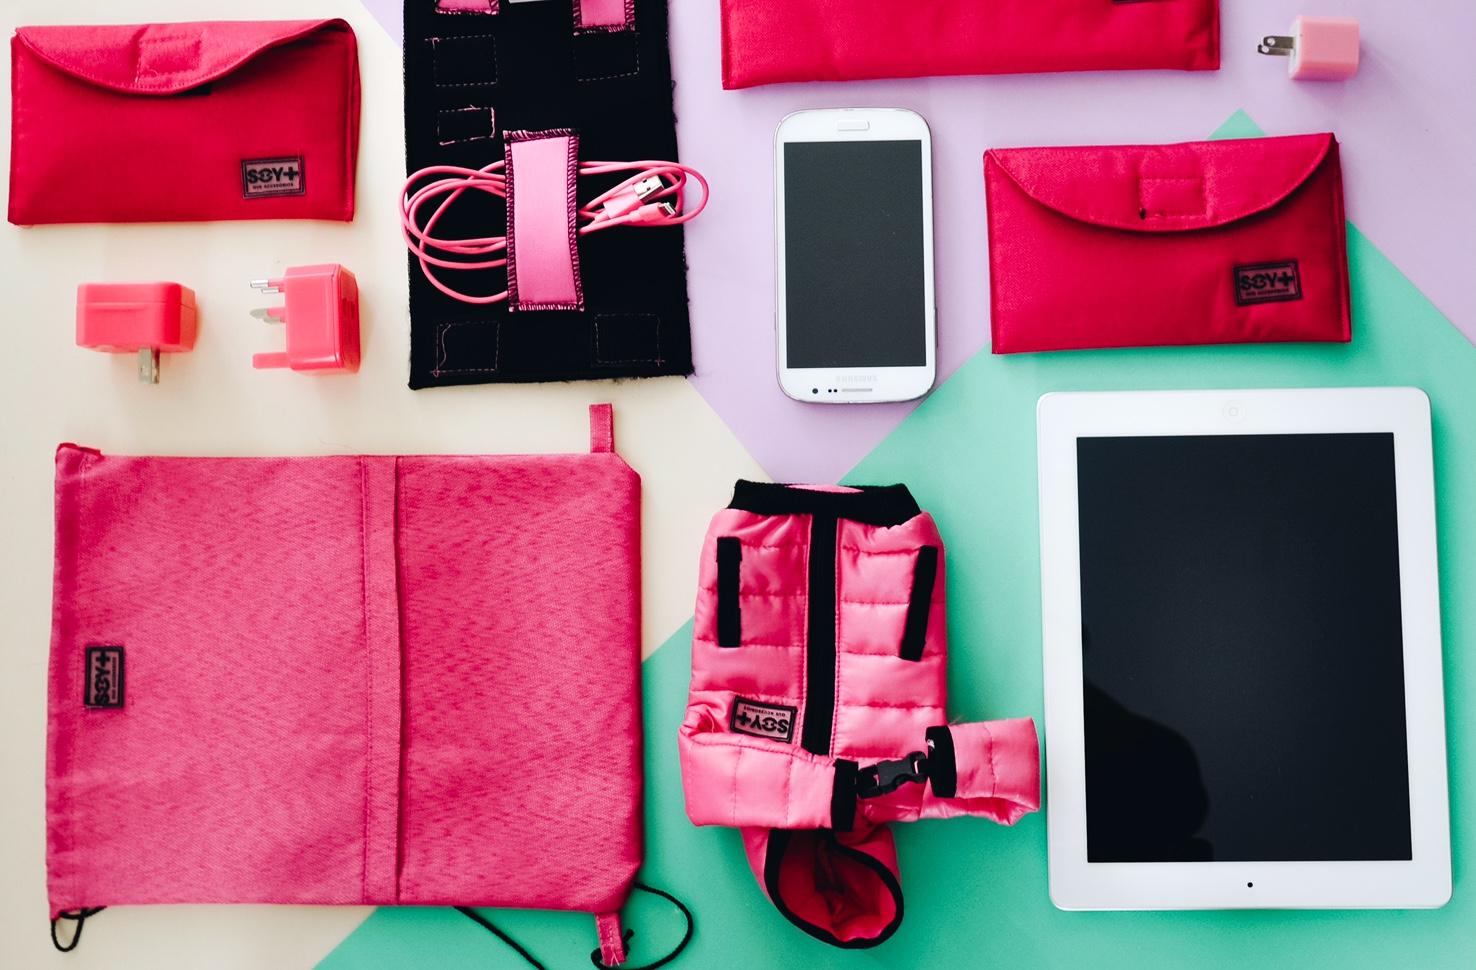 #Emprendedoras Soy Más Que Accesorios: diseño y materiales innovadores